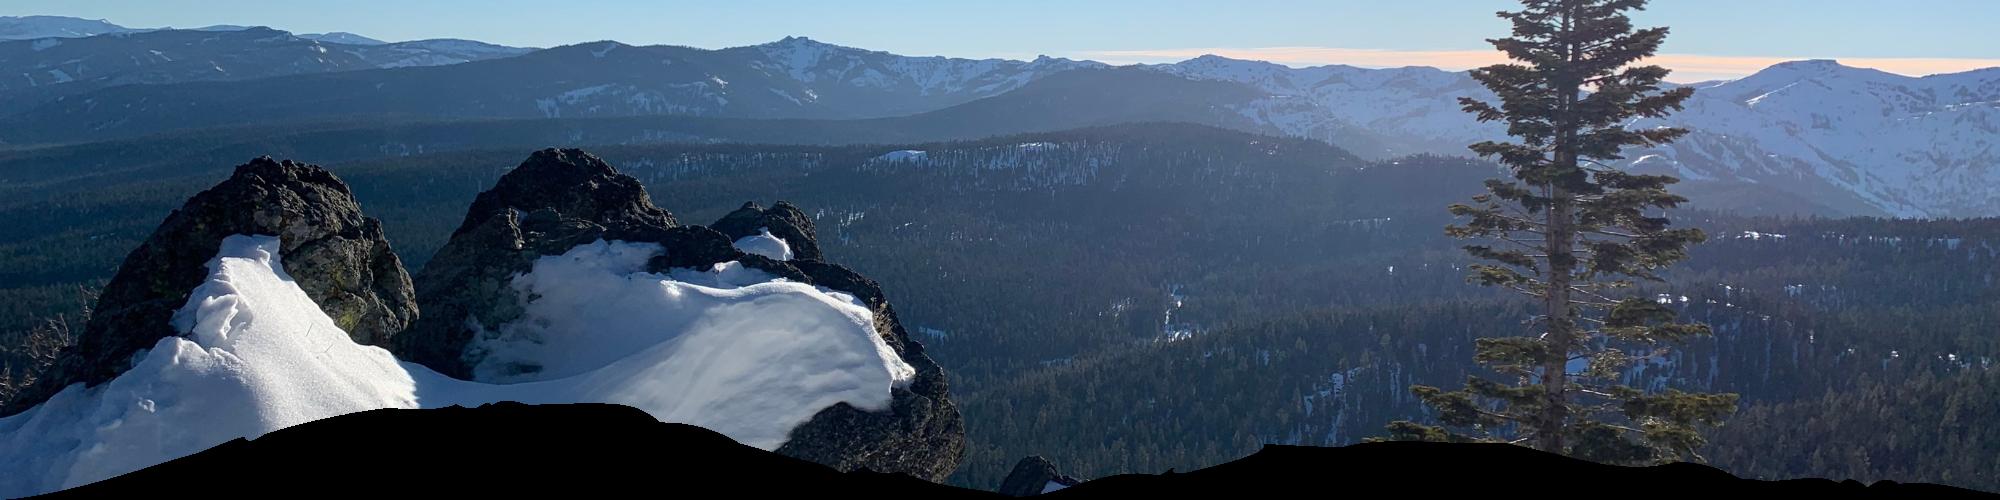 tahoe views banner